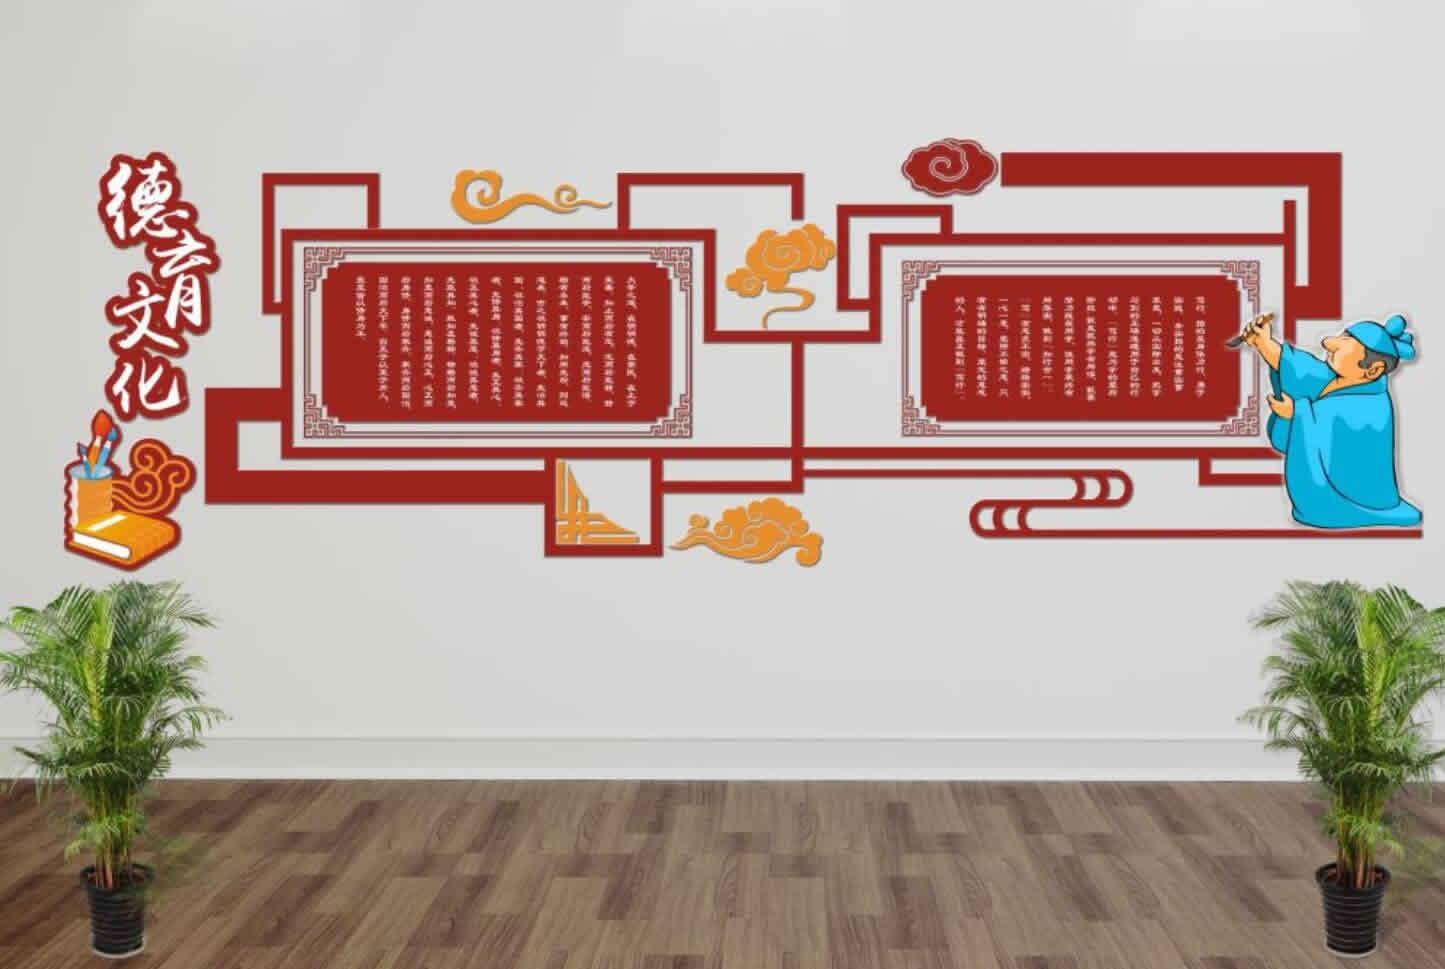 国学文化素材德育文化展示墙源文件